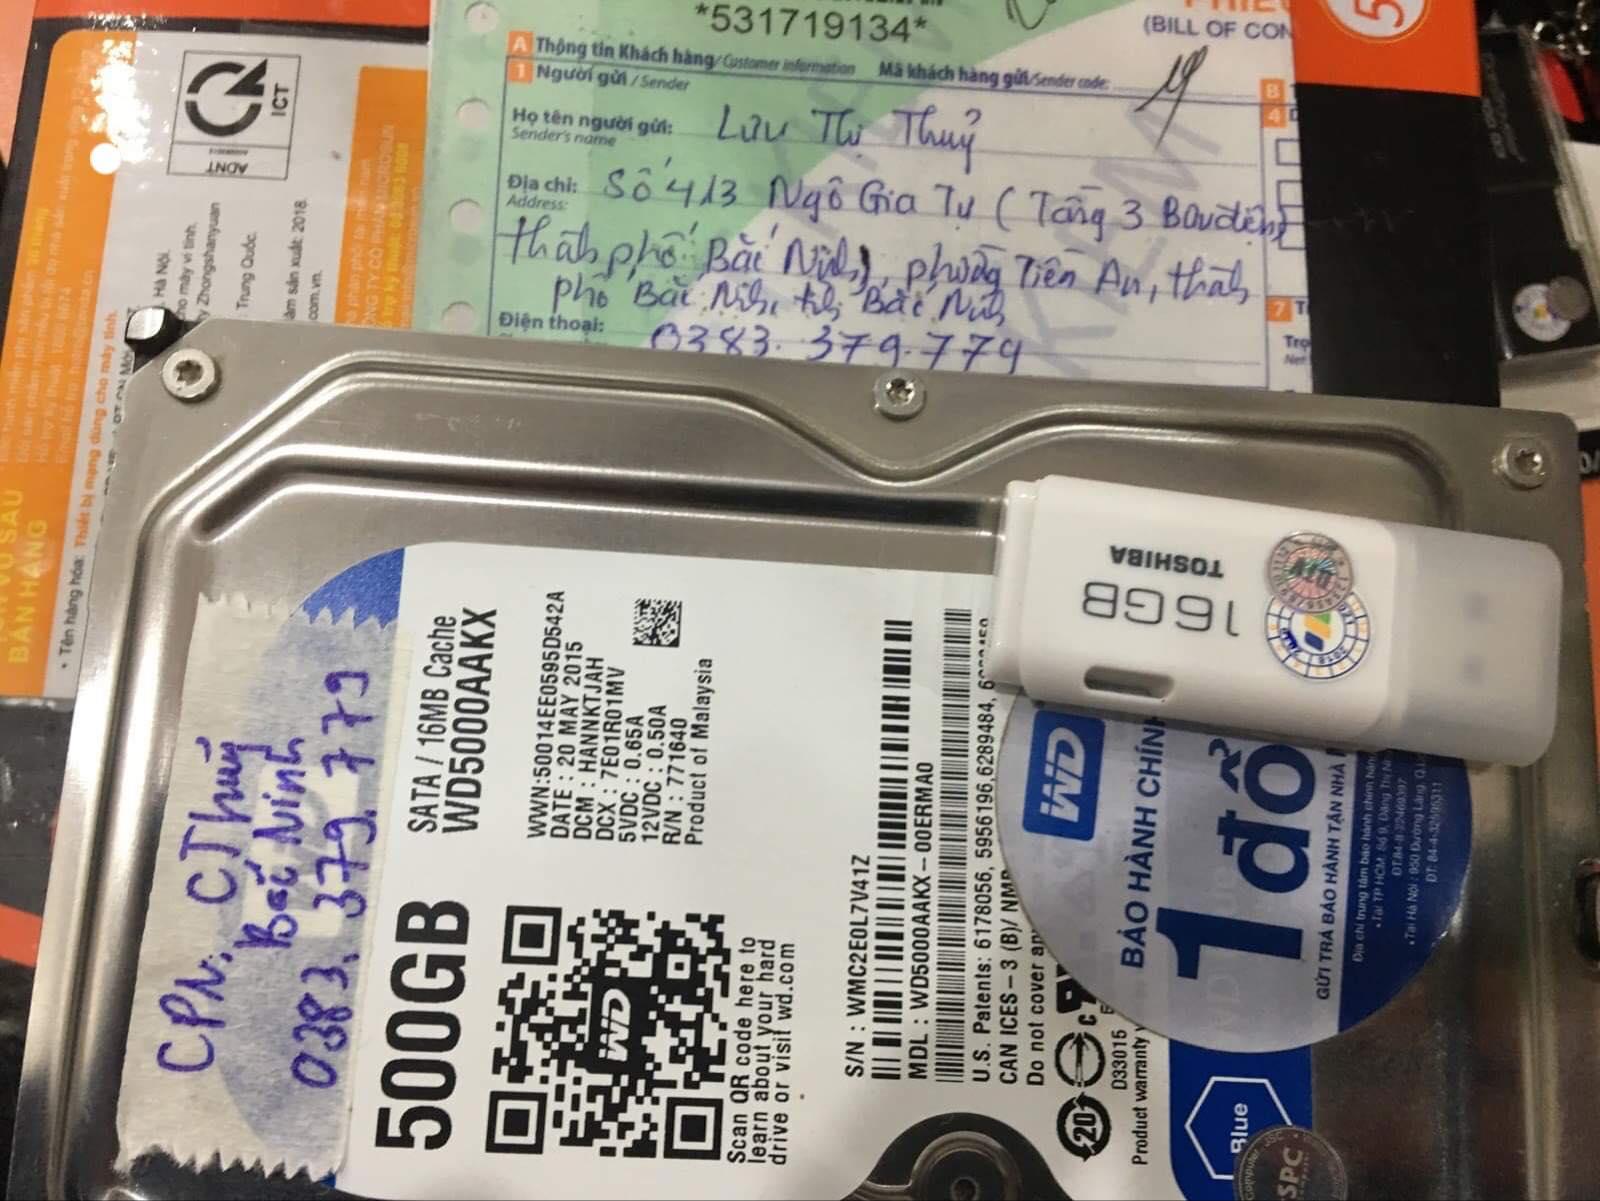 Cứu dữ liệu ổ cứng Western 500GB mất dữ liệu tại Bắc Ninh 08/02/2020 - cuumaytinh